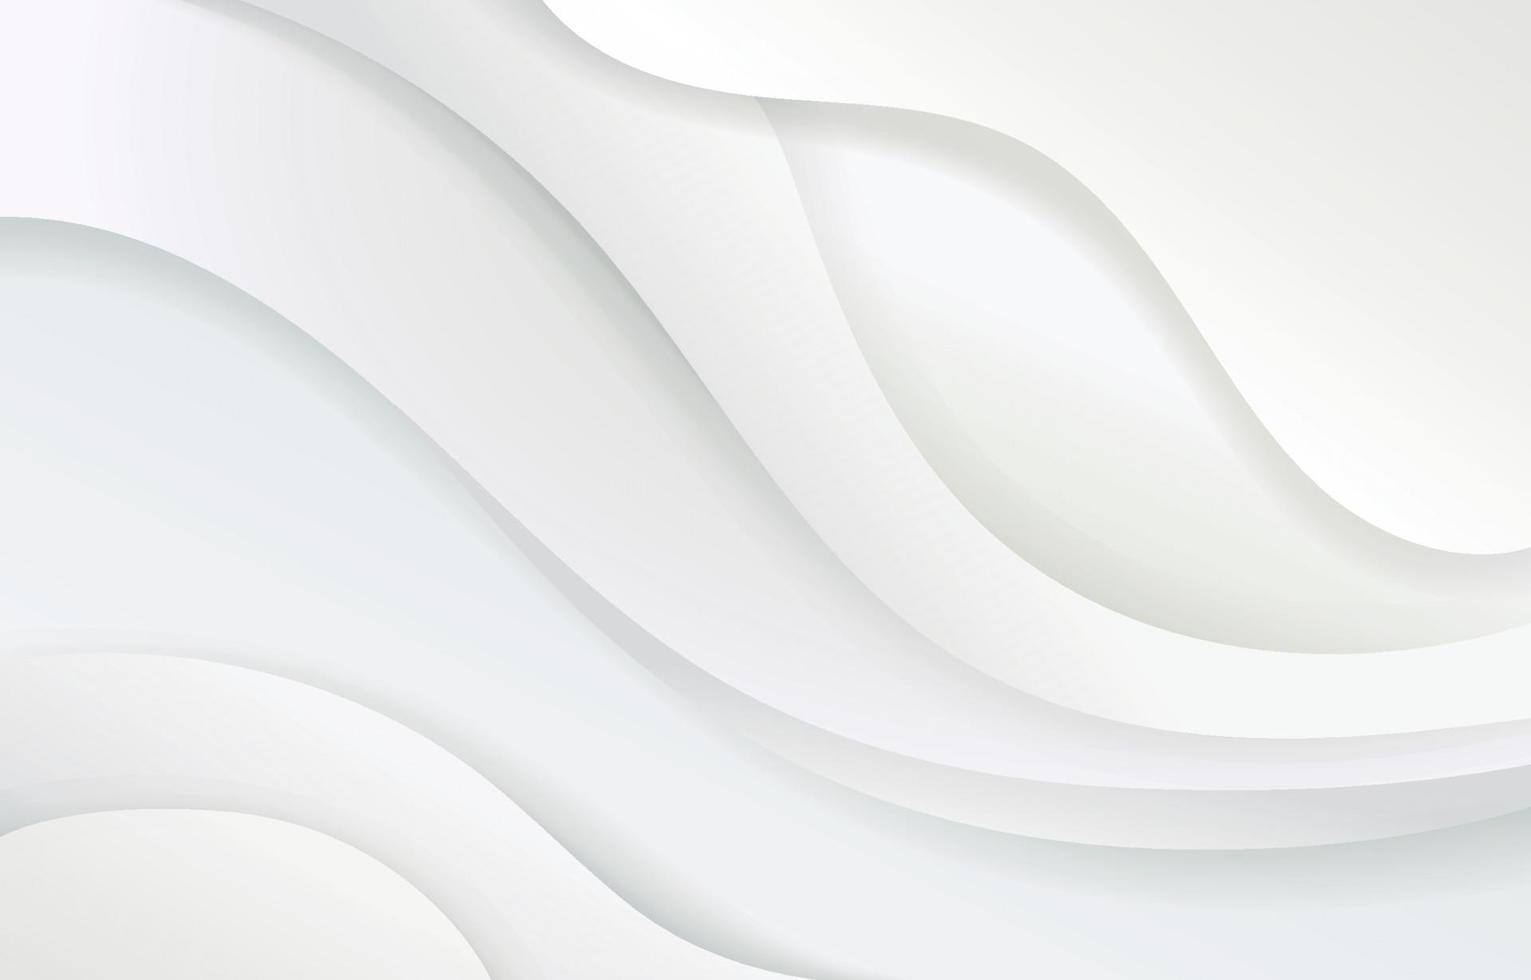 sfondo astratto di colore bianco e grigio vettore